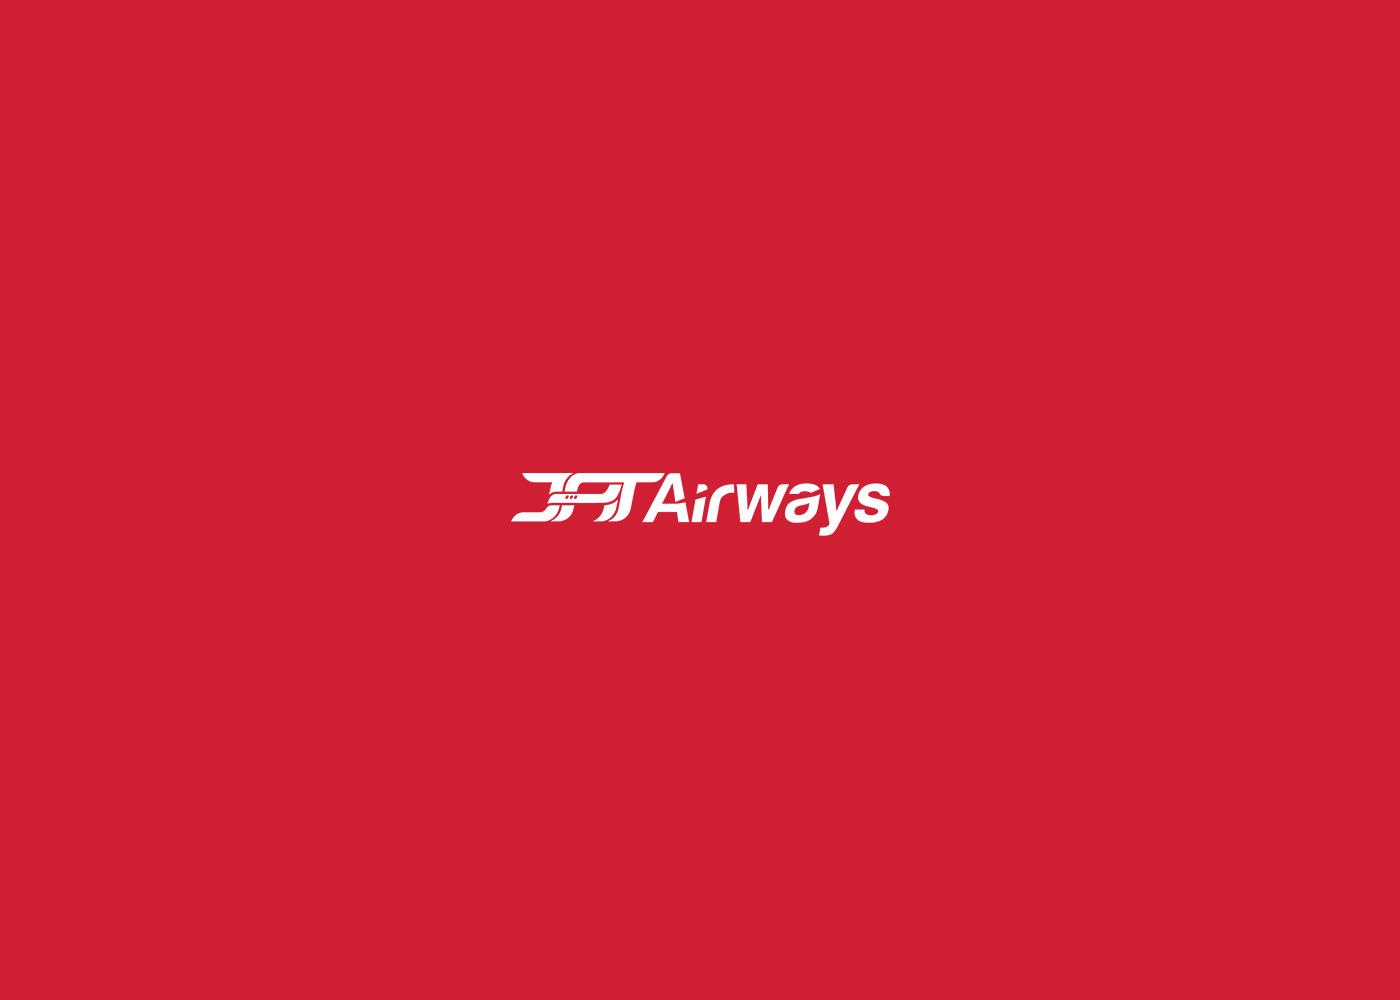 logo,Logotype,identity,symbol,restaurant,airline,Technology,branding ,unicorn,Yoga